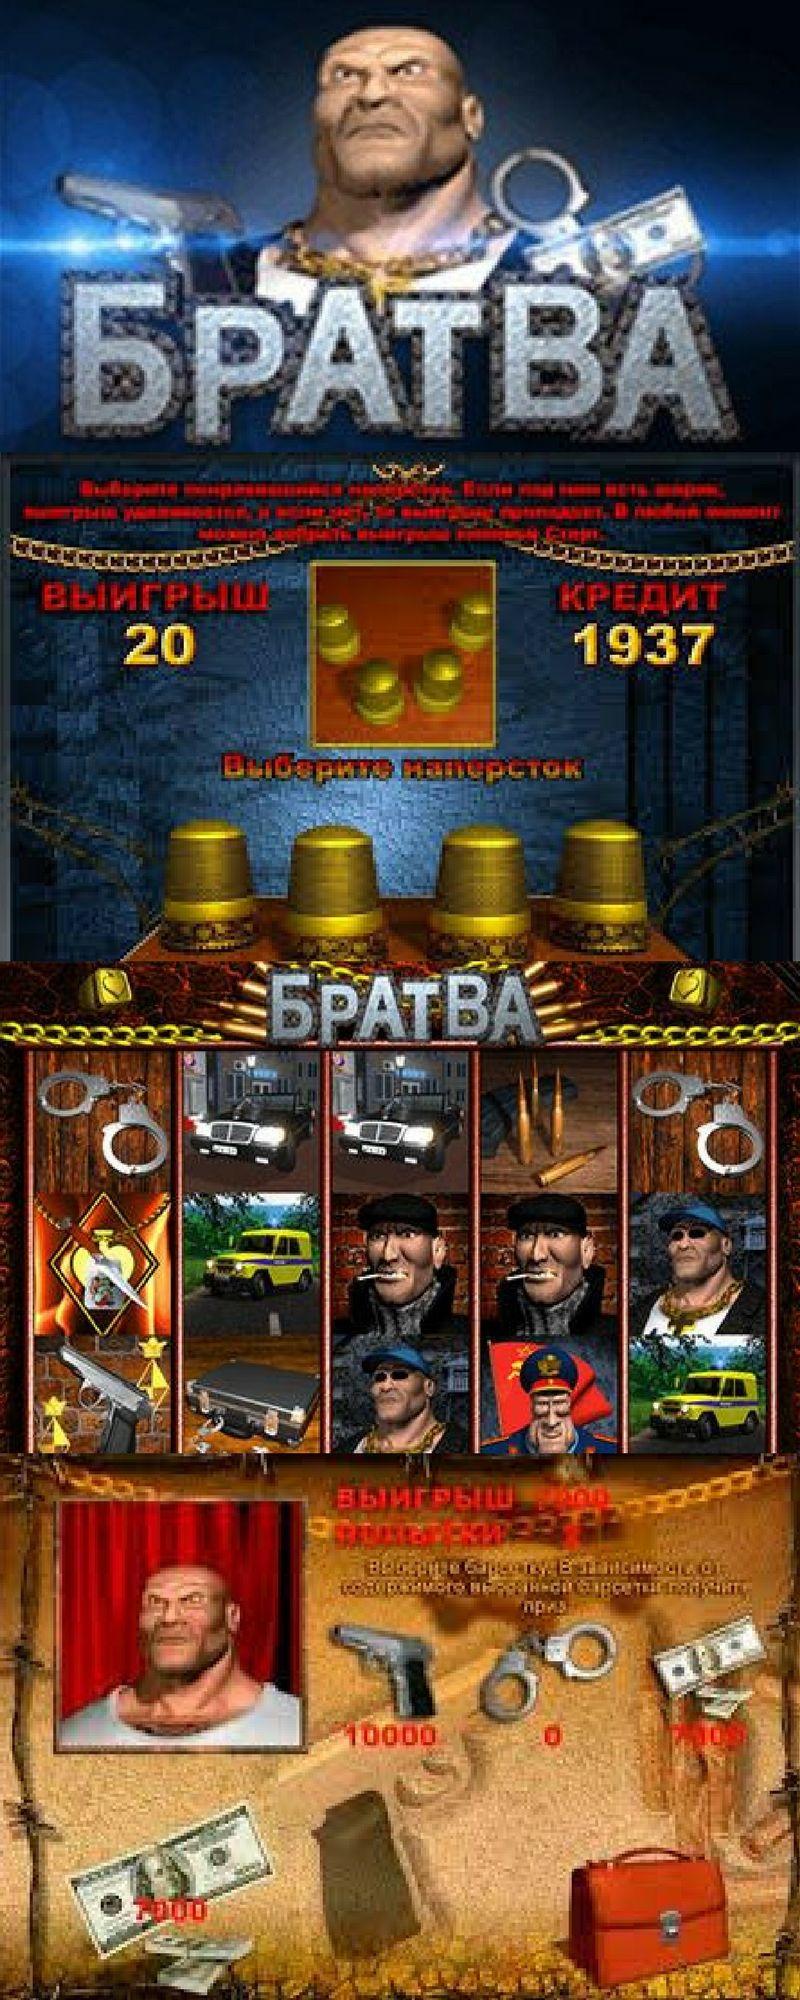 Игровые автоматы онлайн в Украине: доверьте азарт лучшим.Игровые автоматы онлайн казино Париматч — открытие для всех считающих, что одноименный ресурс представляет собой исключительно контору для заключения ставок.